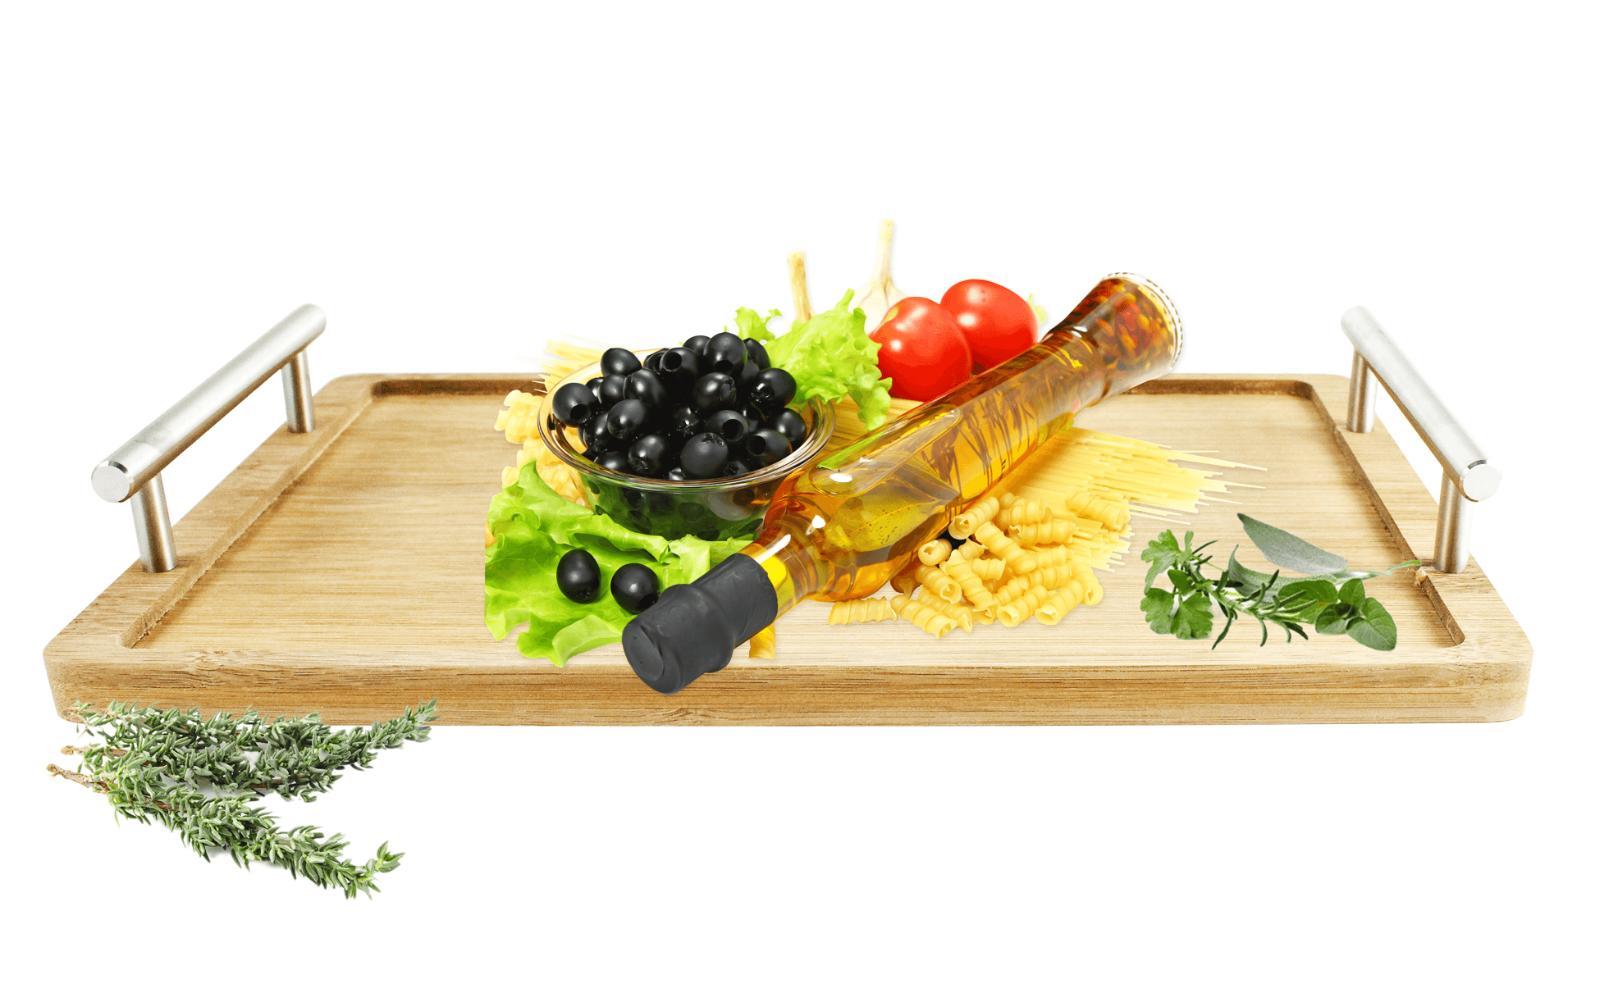 Betttablett Serviertablett Frühstückstablett Holztablett Tablett Servierplatte